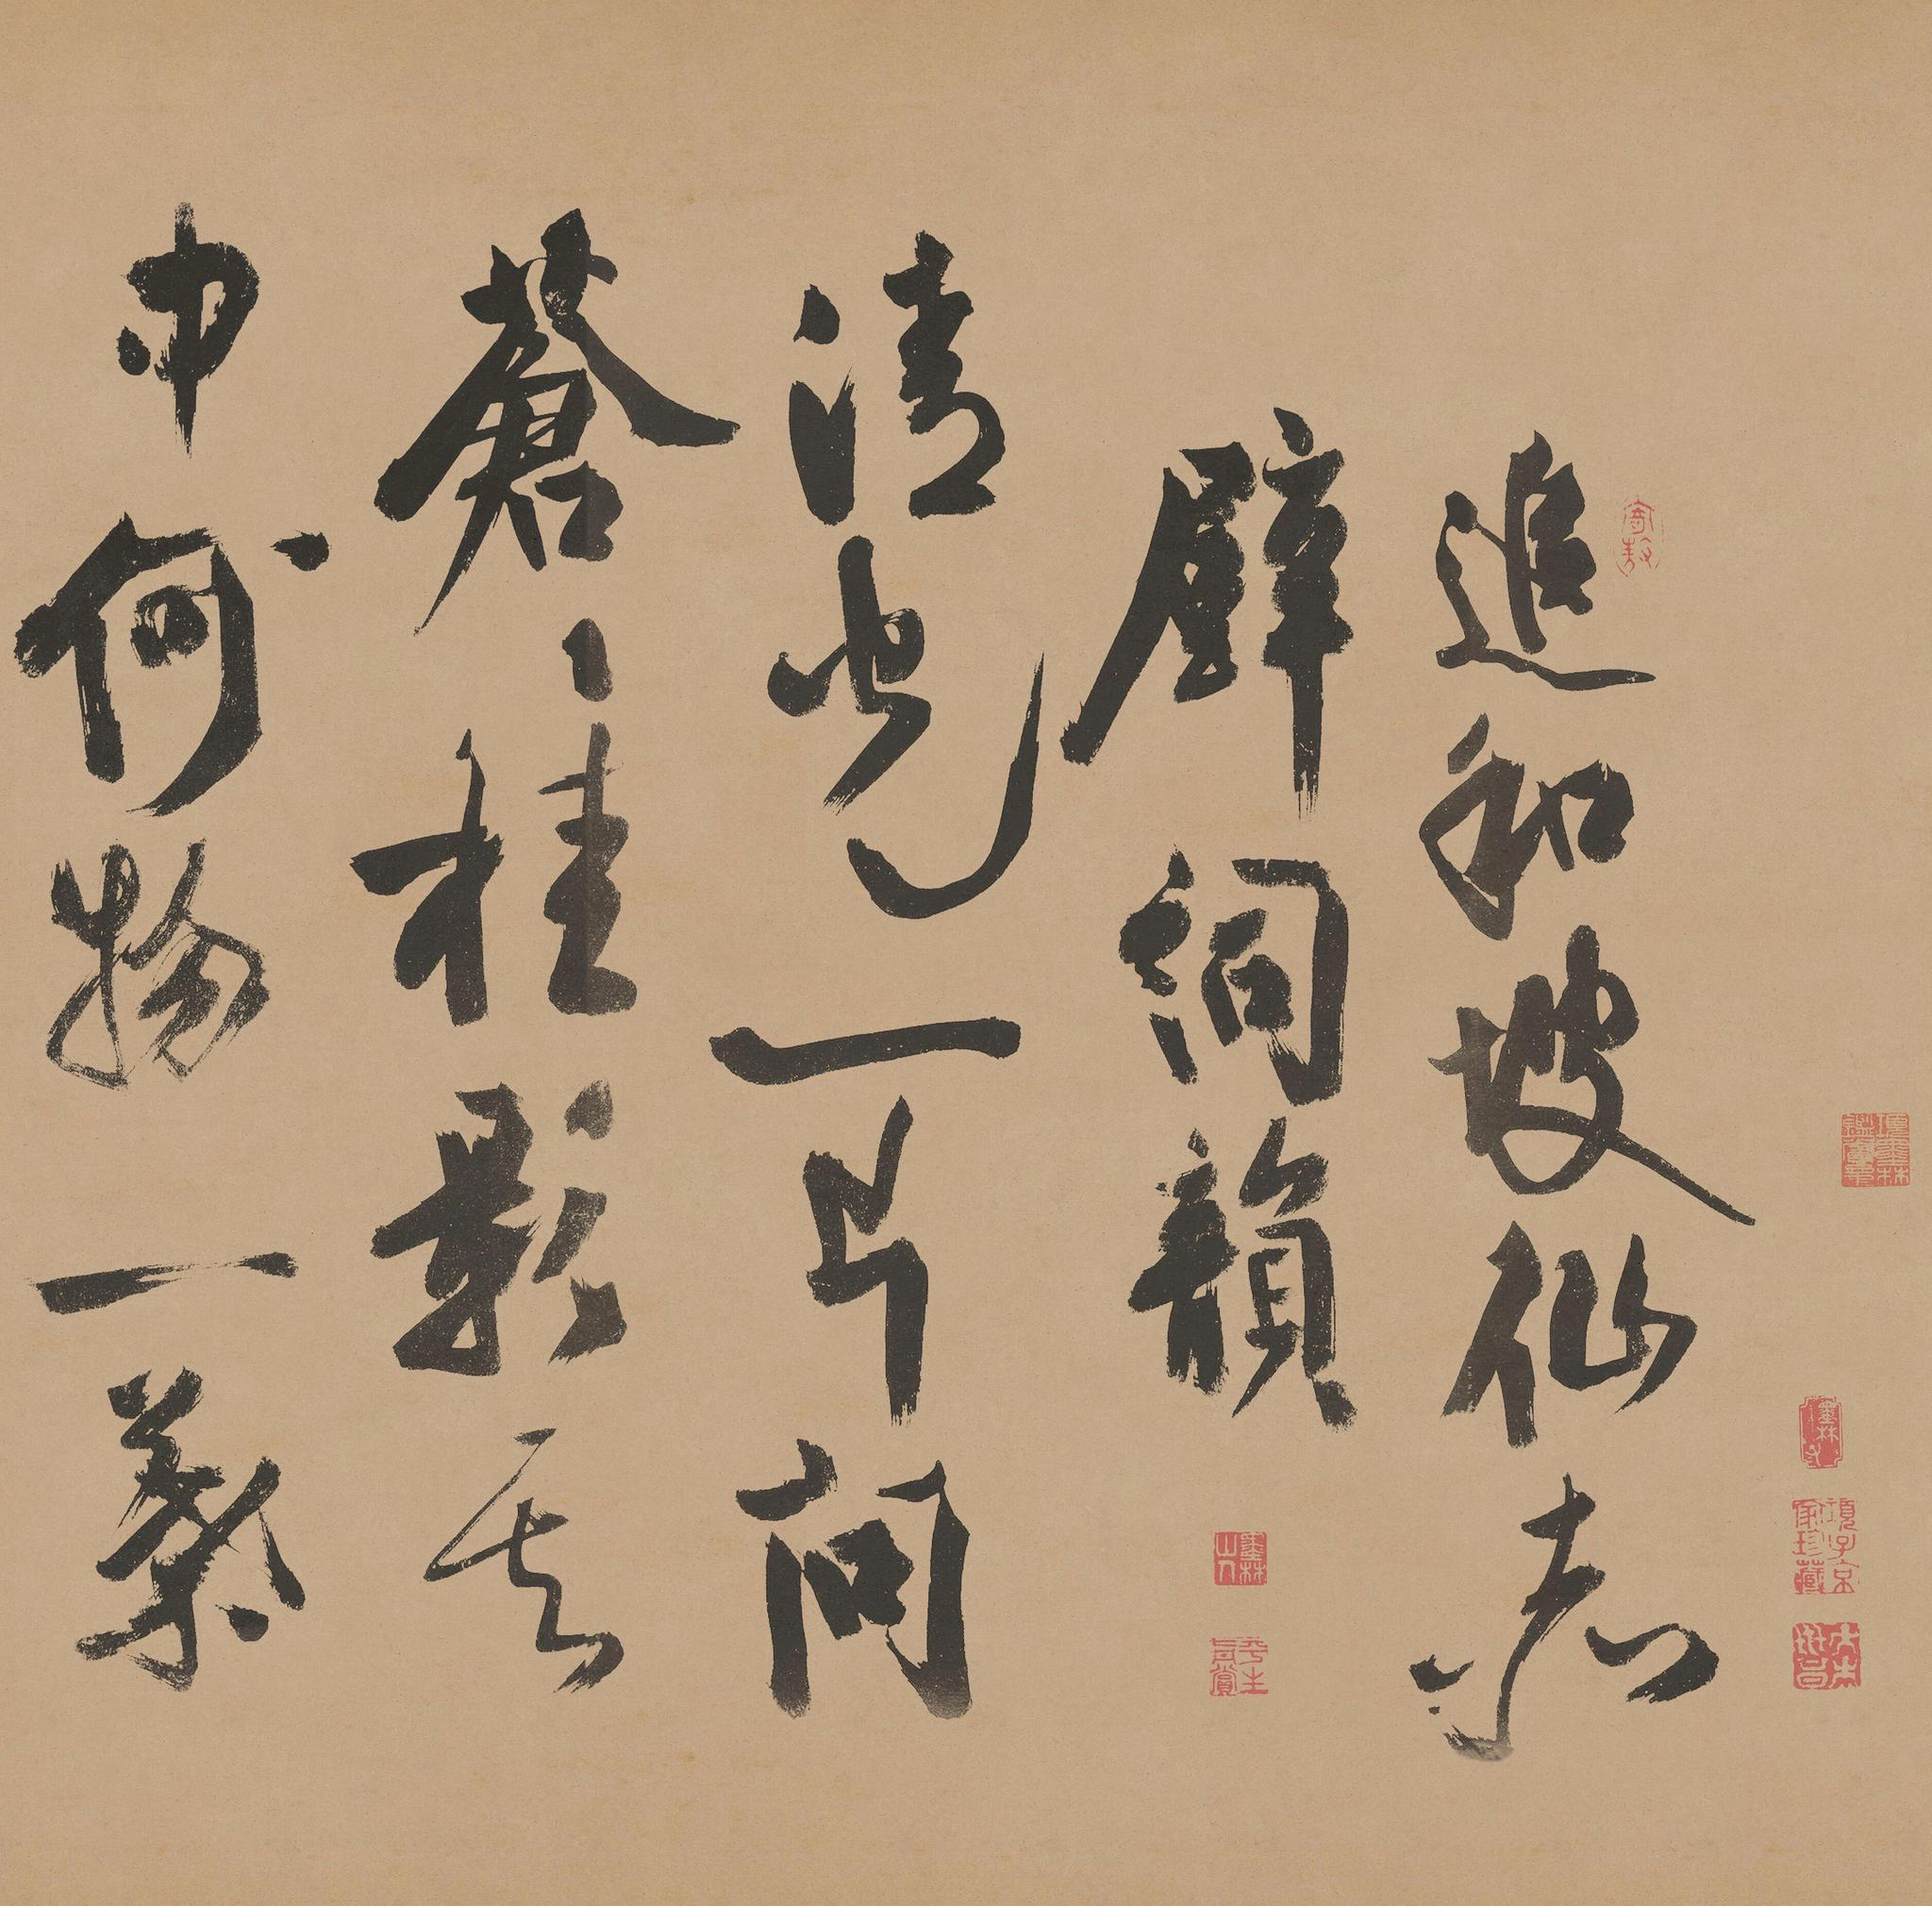 赵秉文|跋赤壁夜游图